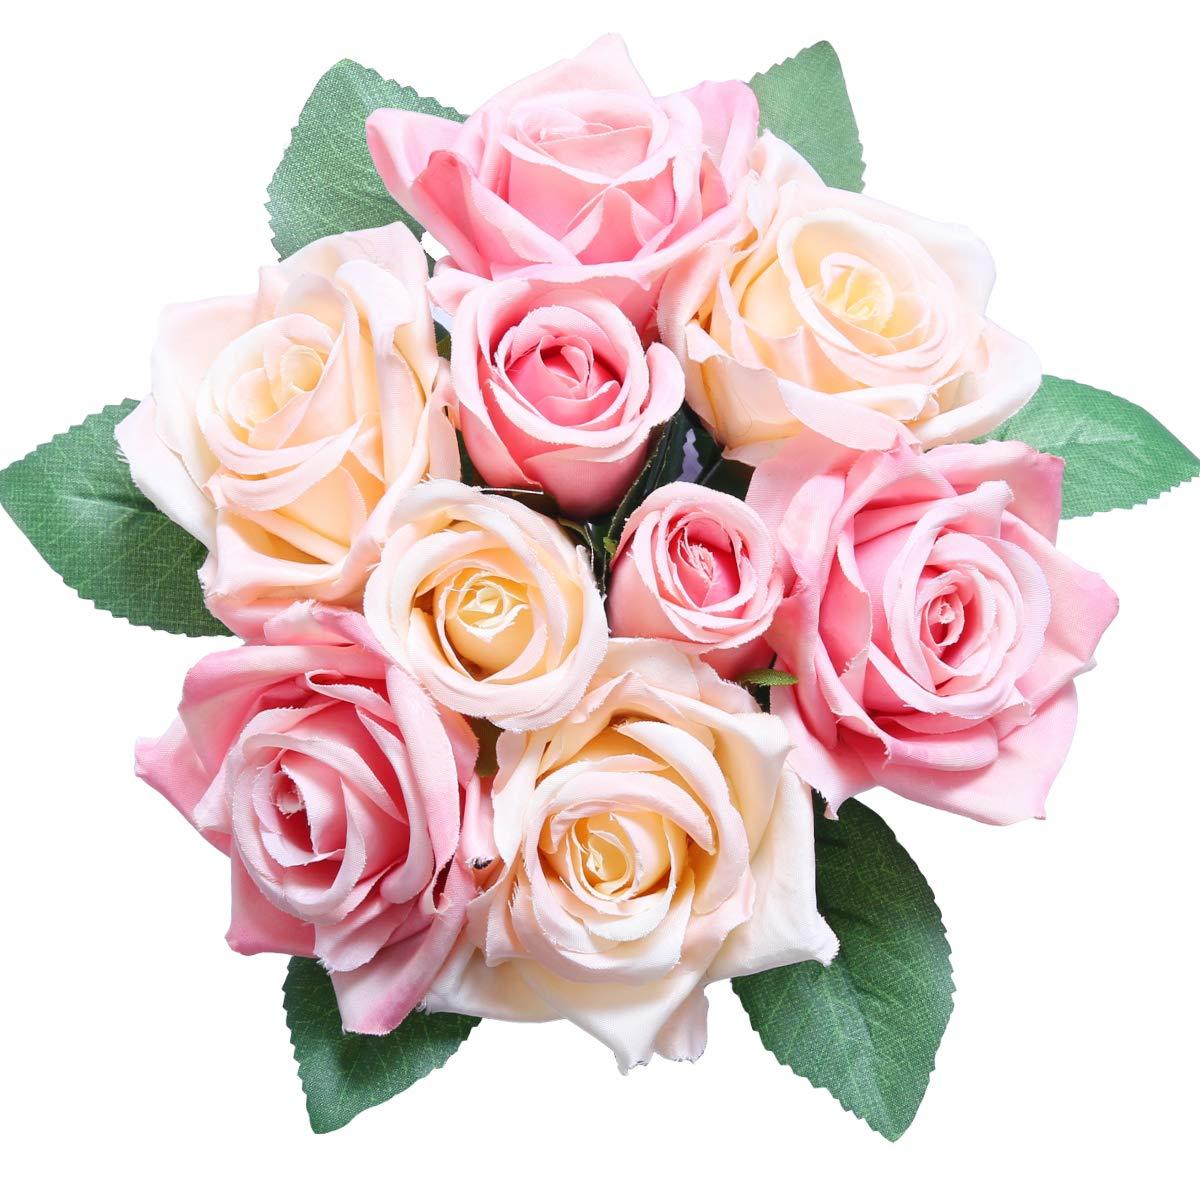 Pauwer – Flores de Lavanda Artificiales de Seda (8 Unidades)